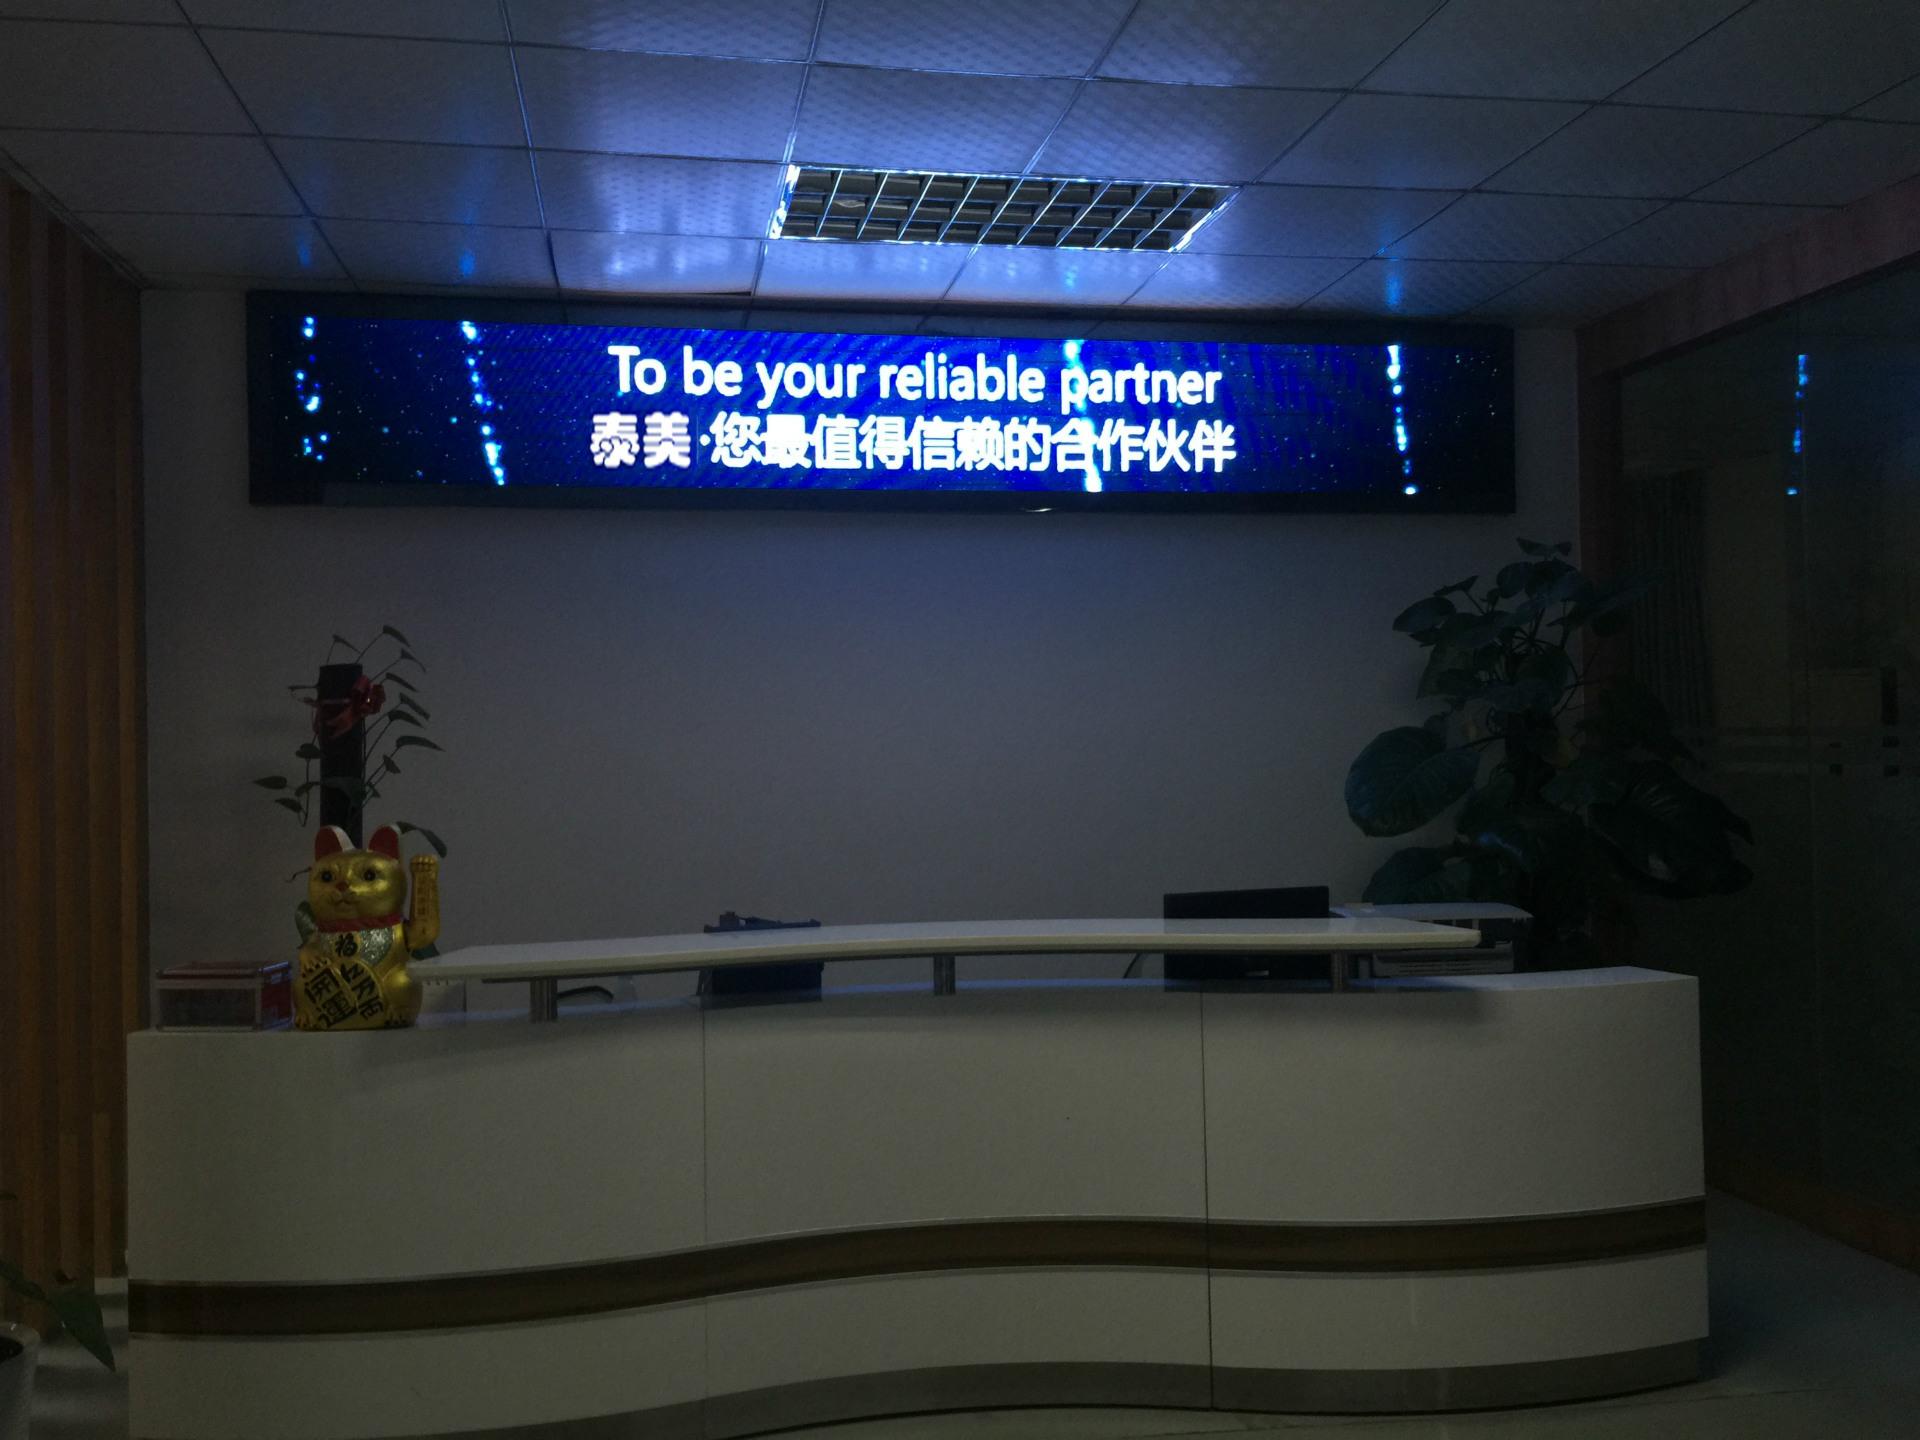 工厂直销LED显示屏高清室内全彩LED显示屏 P3led广告显示屏示例图26